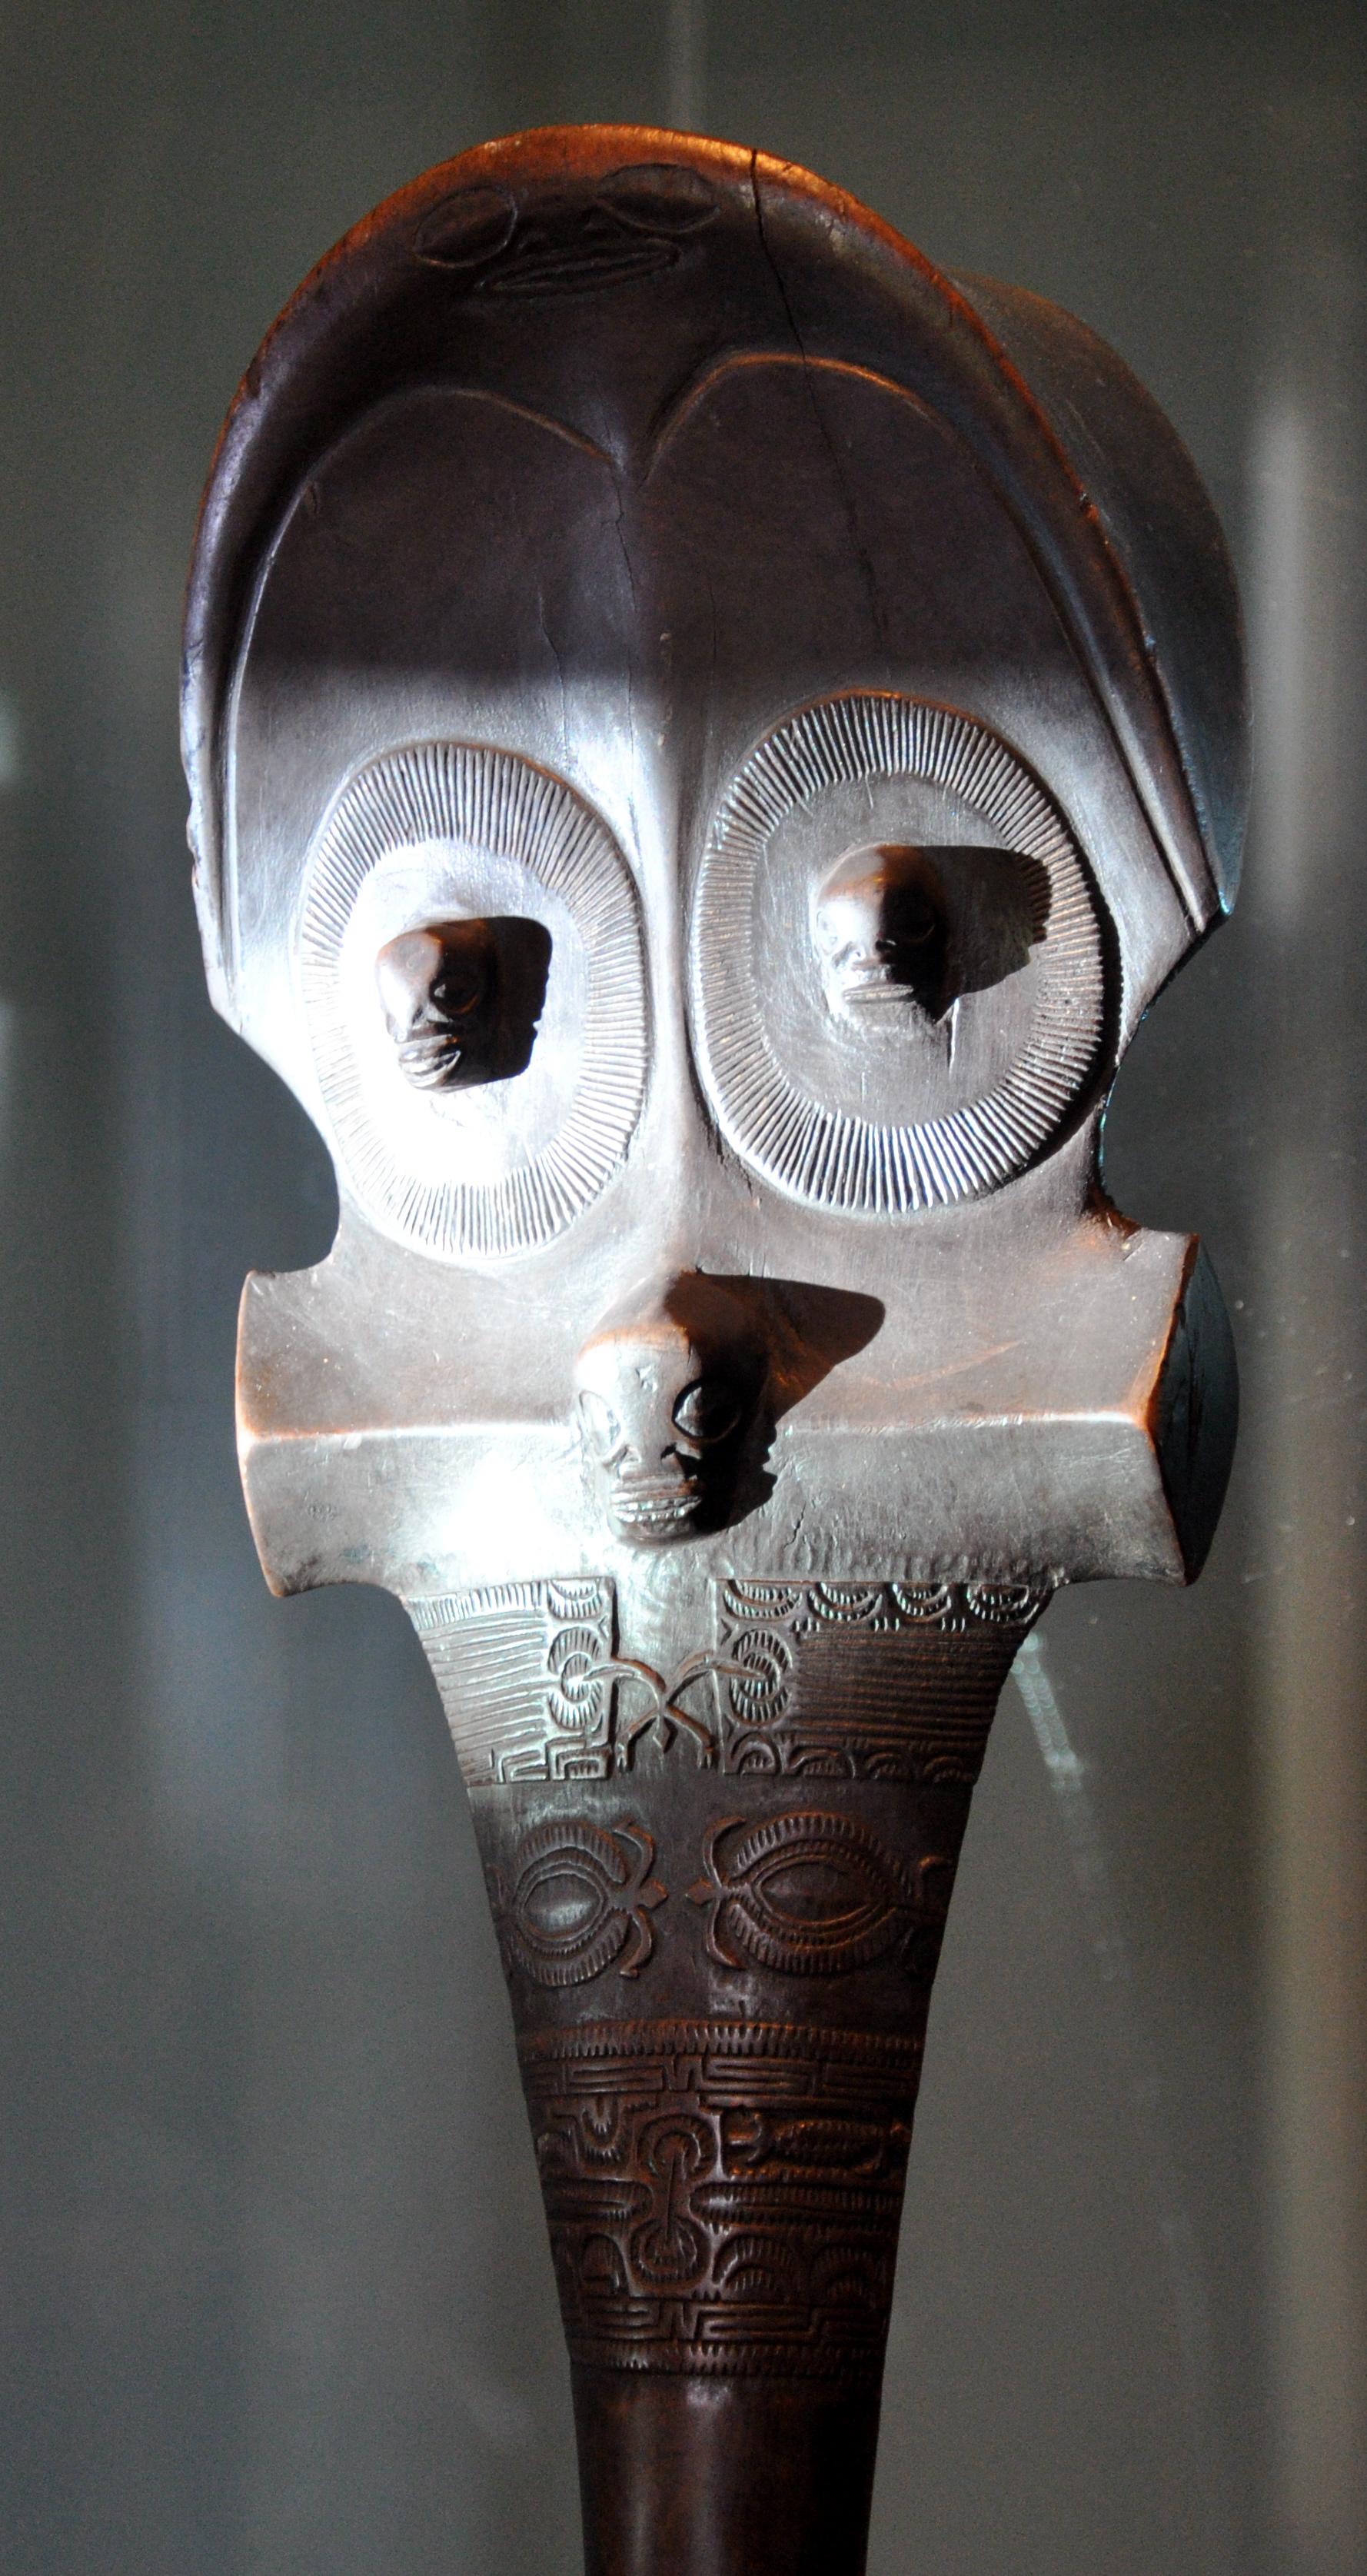 Marquesas_Keule_Museum_Rietberg_RPO_203_img02.jpg